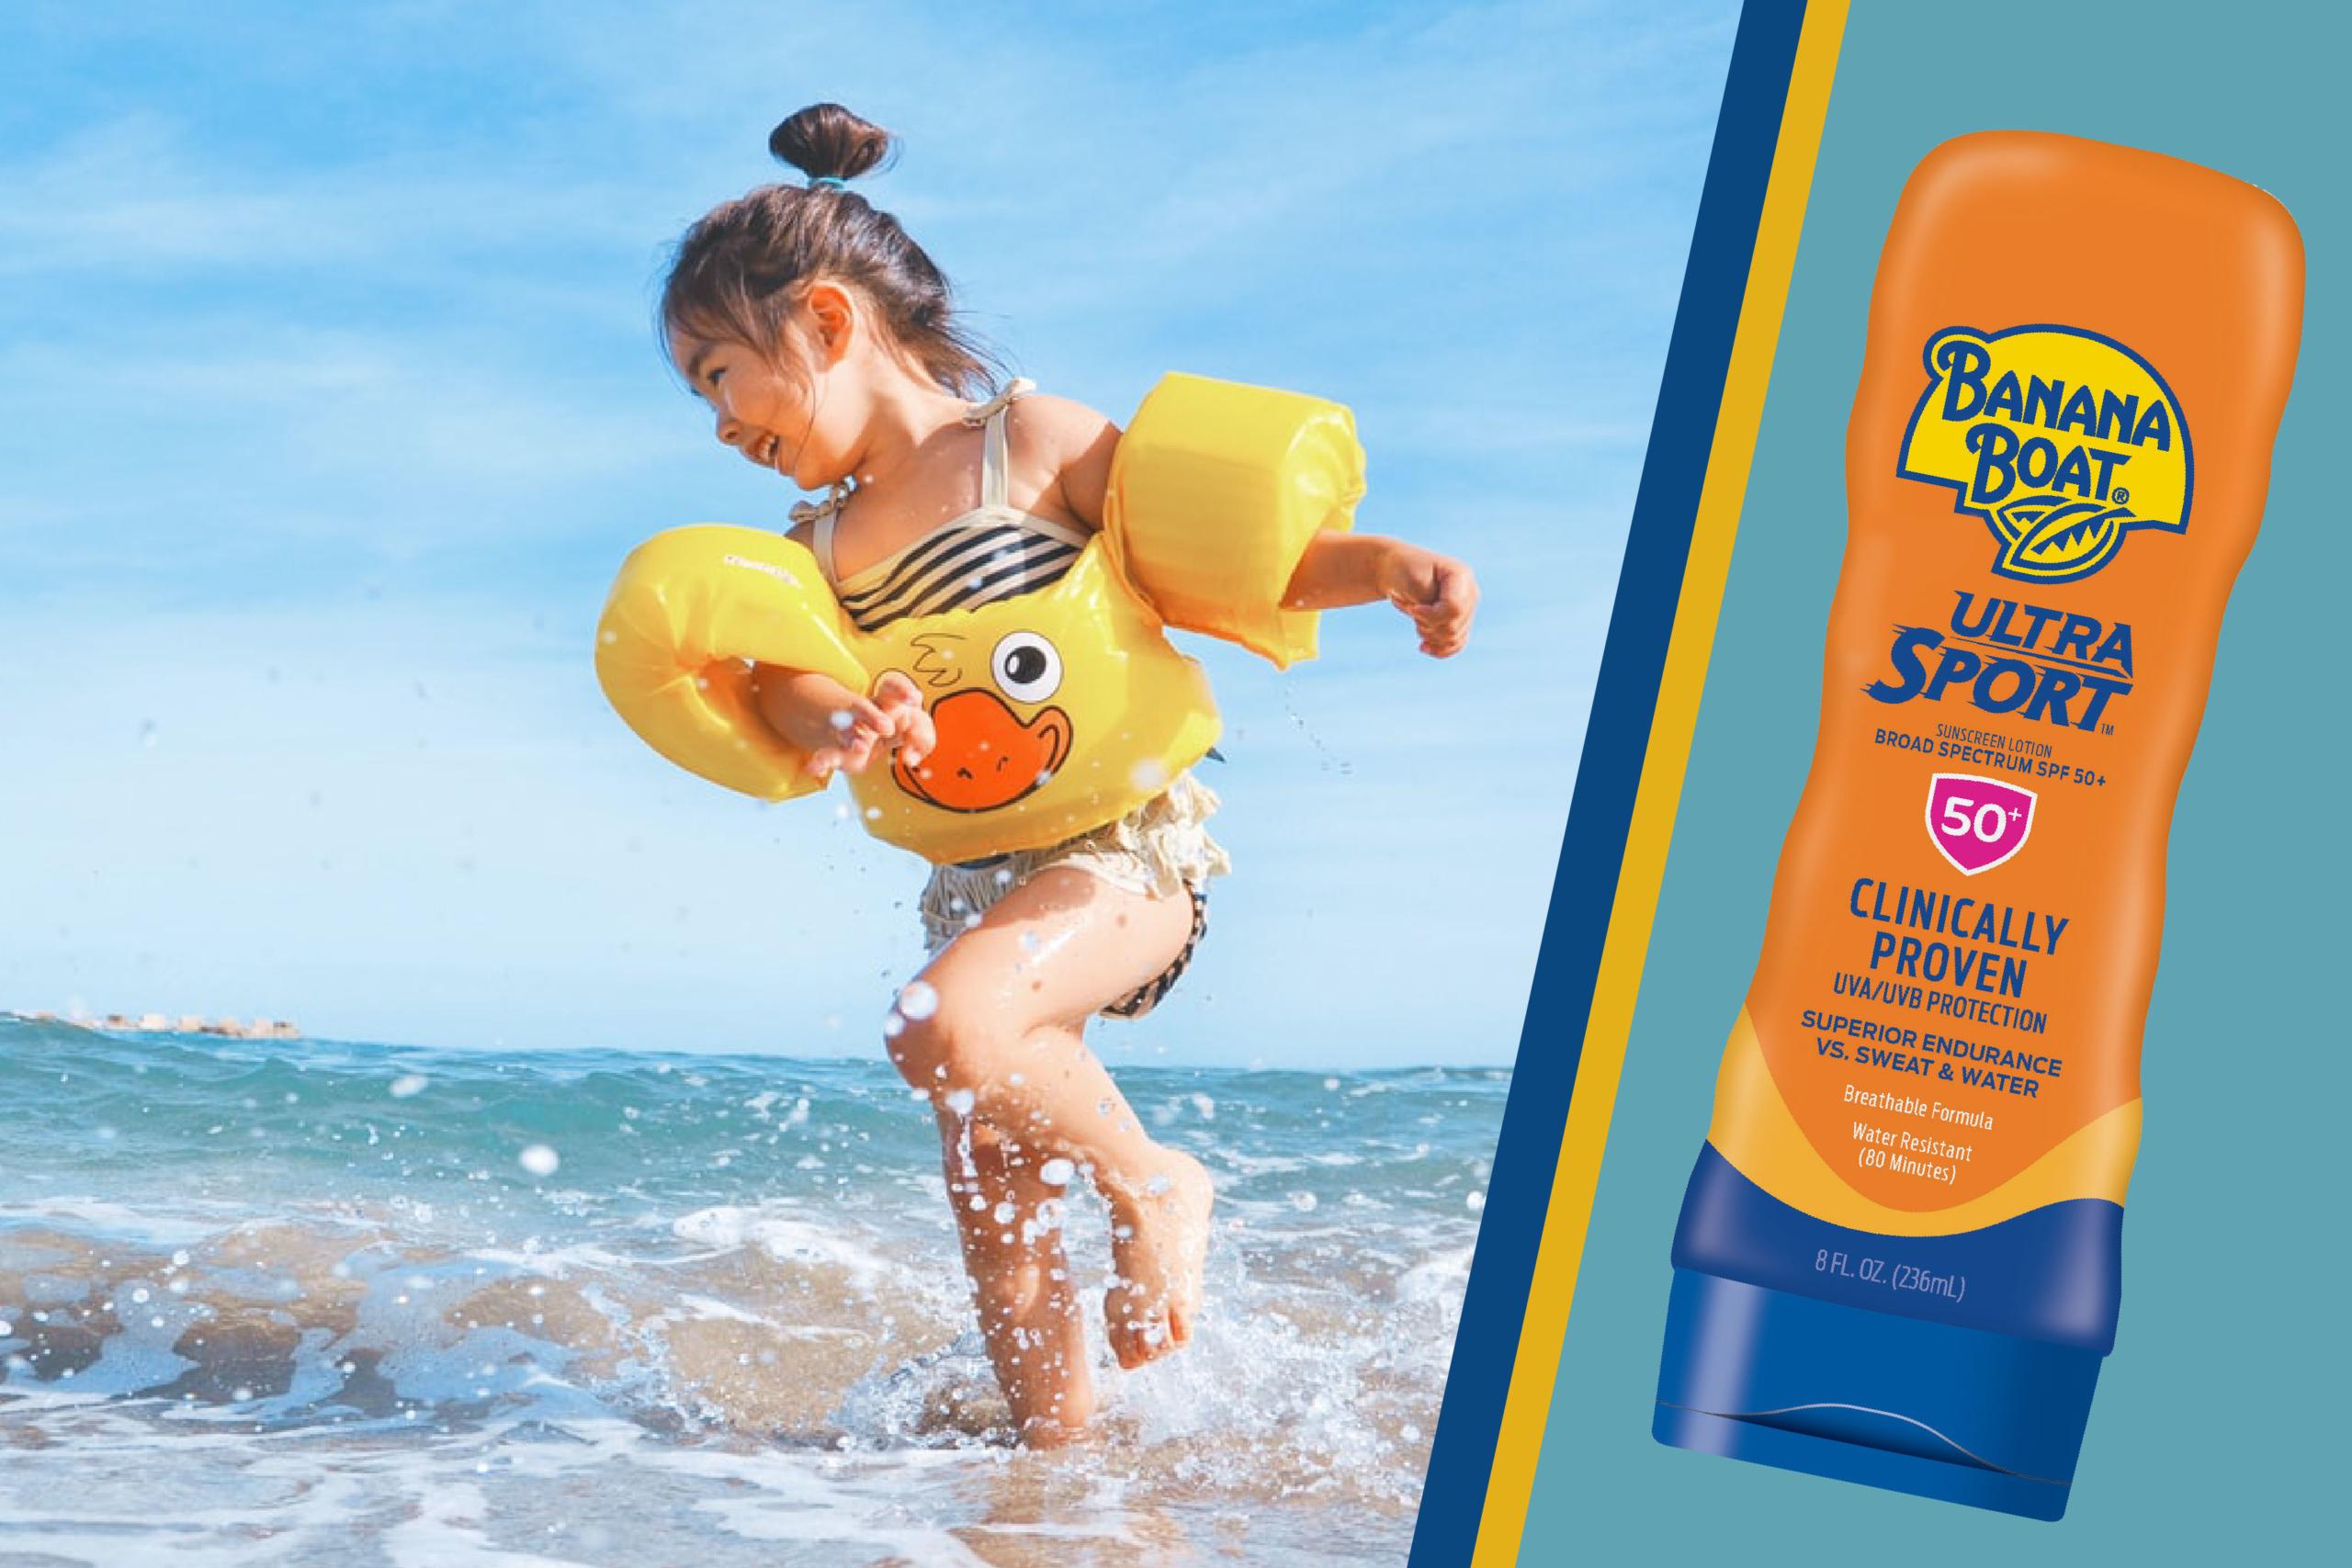 Banana Boat 50 SPF Sunscreen Summer Skin Safety